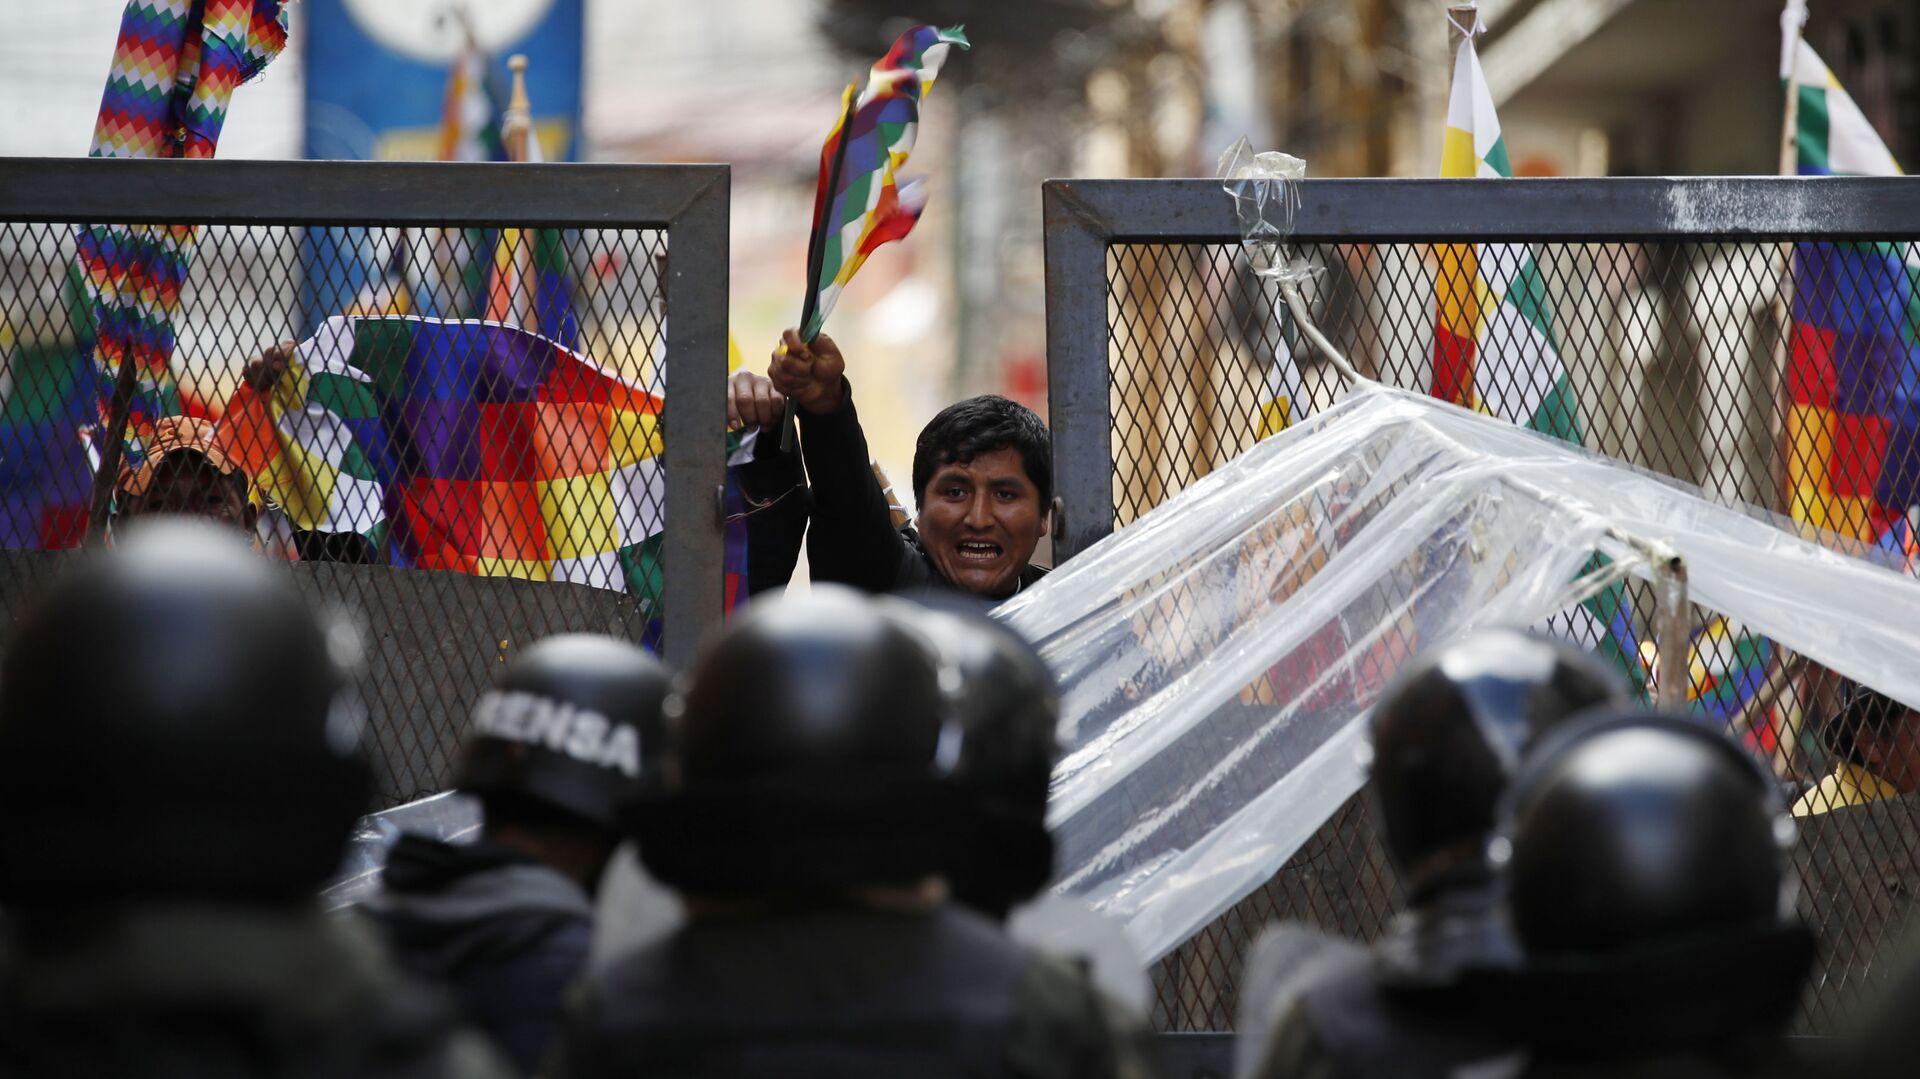 Сторонникам бывшего президента Эво Моралеса пытаются въехать в район Конгресса в Ла-Пасе, Боливия - Sputnik Mundo, 1920, 18.06.2021